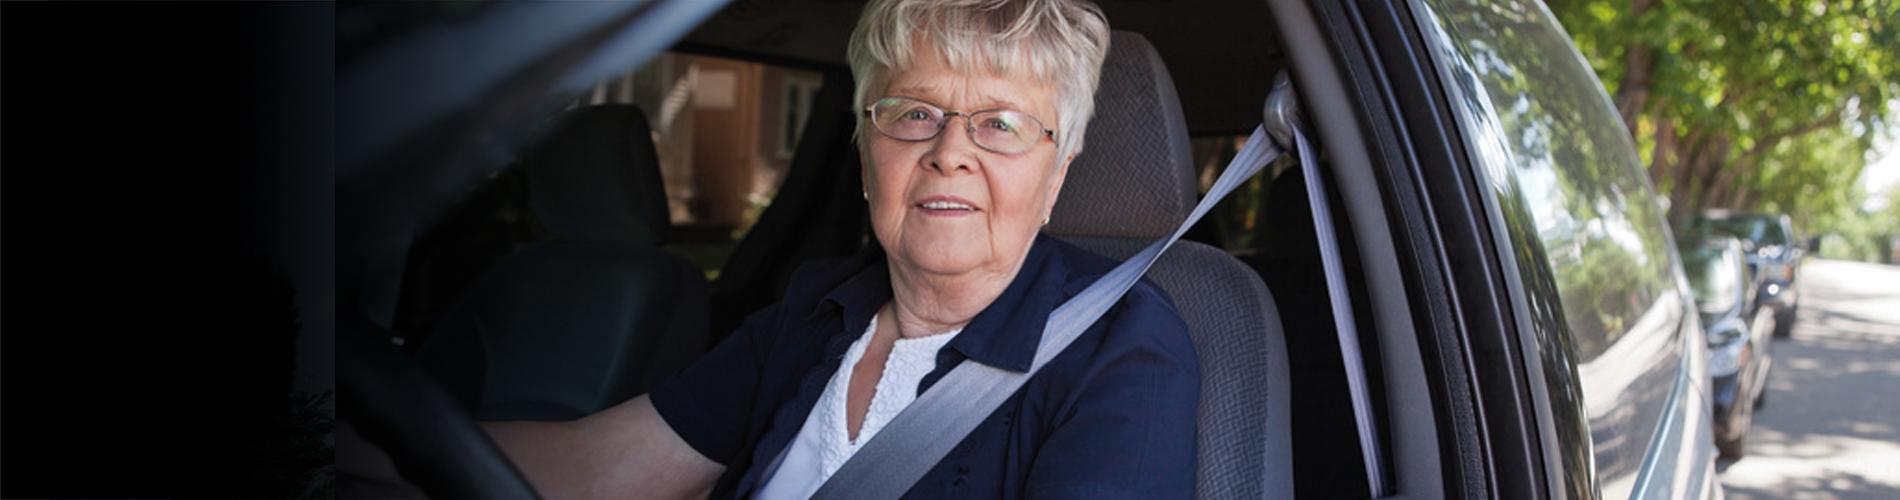 PKW Seniorentraining